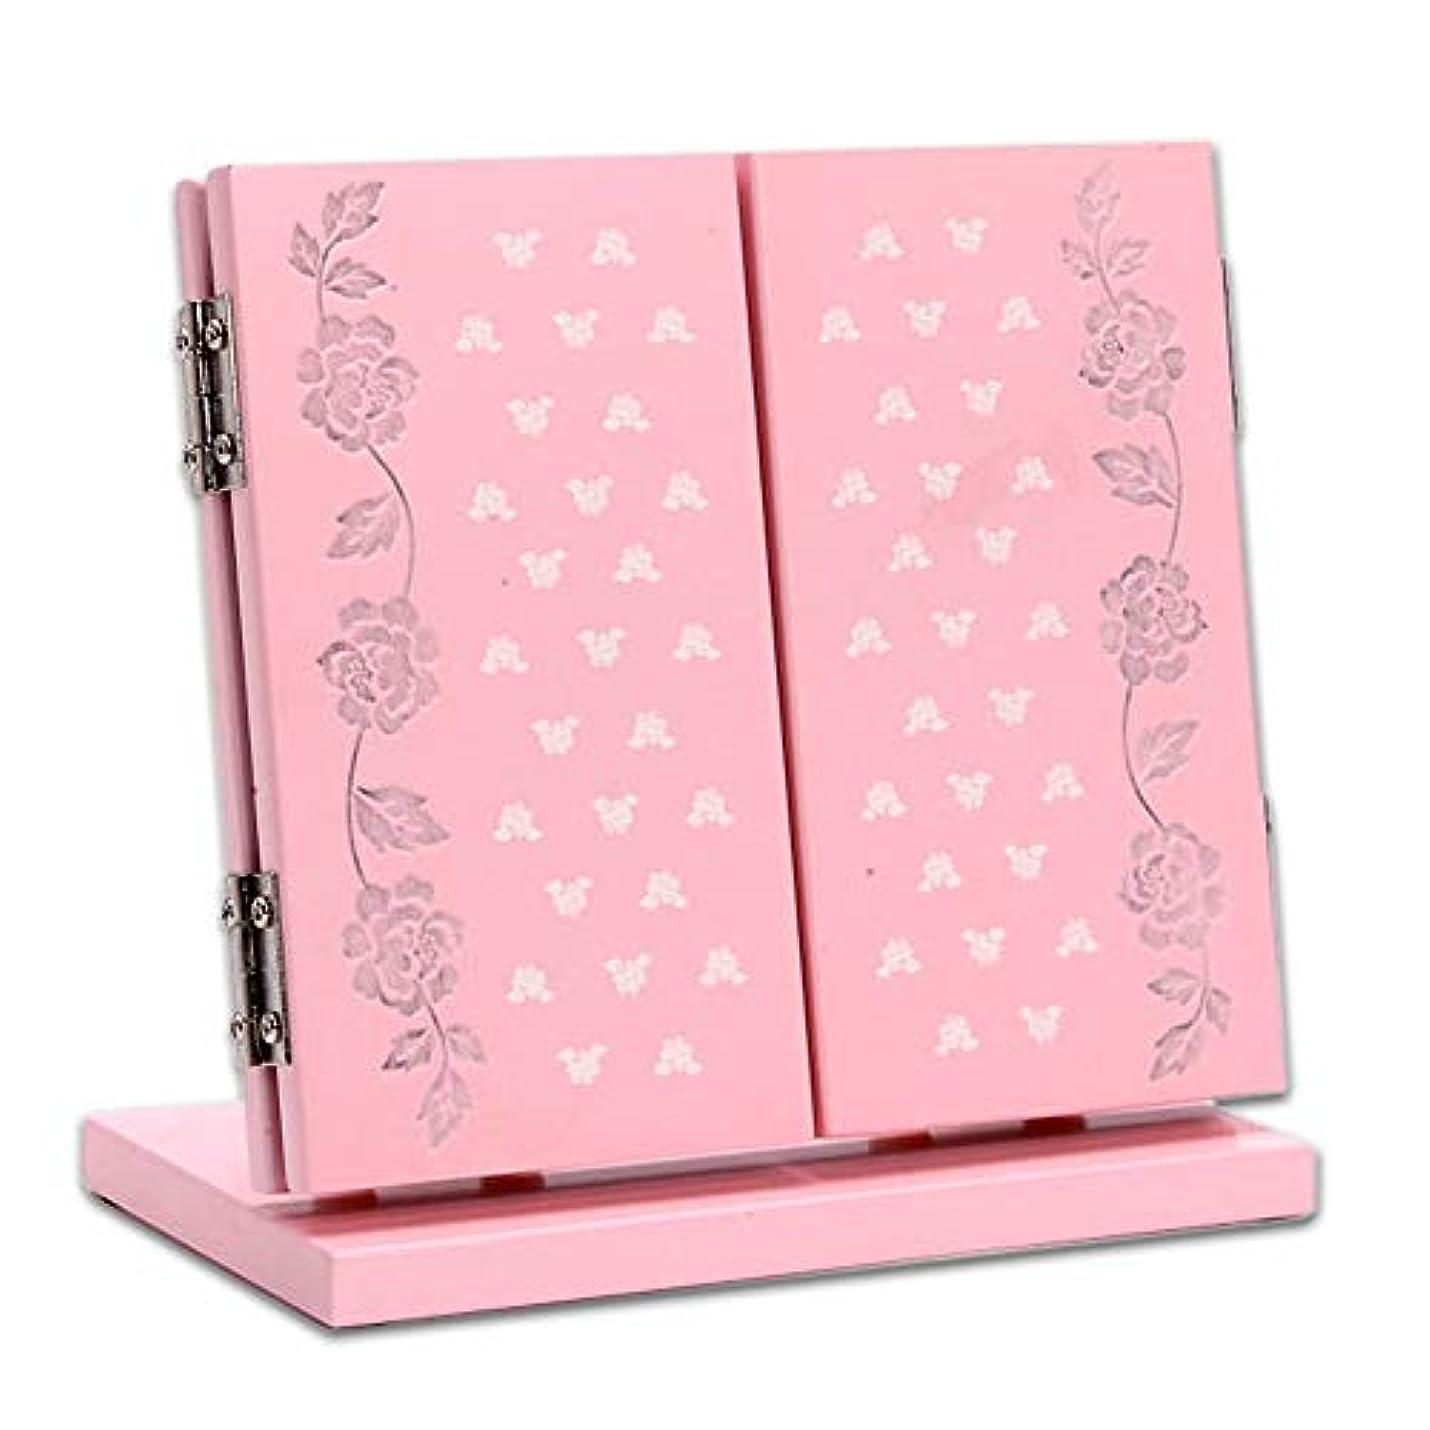 悲観主義者できる負担MOOJOO 卓上 三面鏡 鏡 アンティーク 女優 ミラー 木製 折りたたみ ピンク